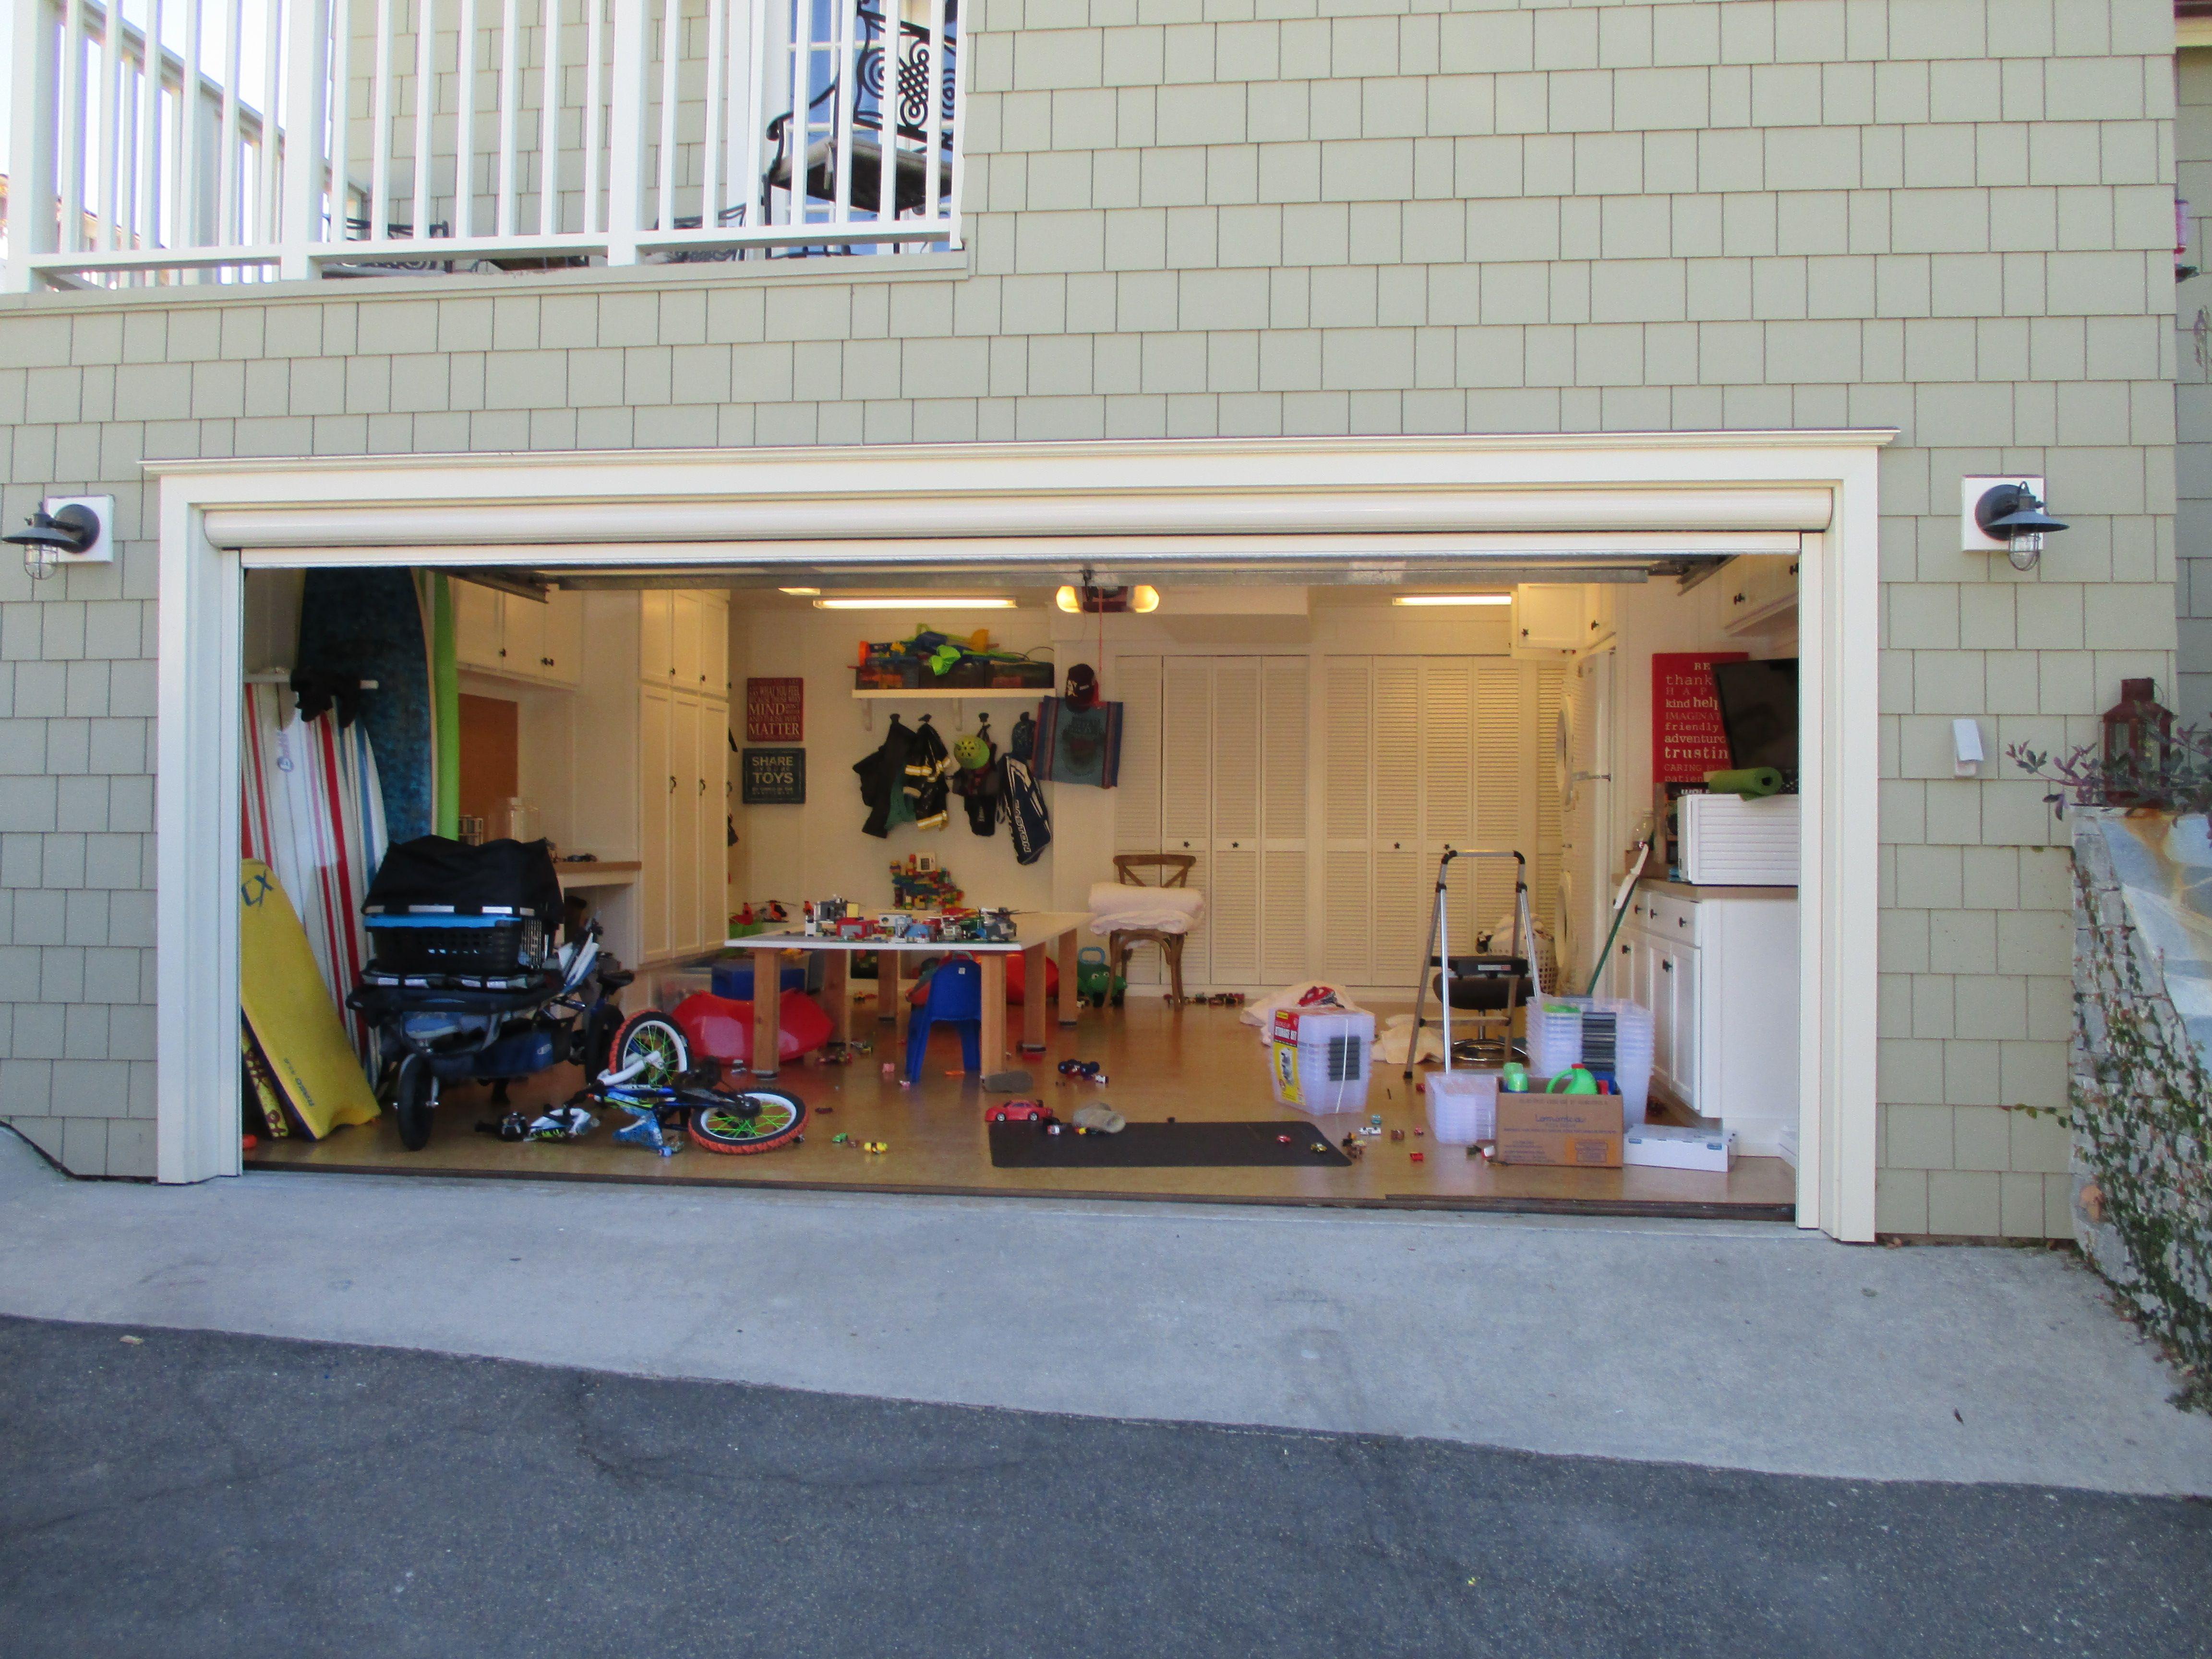 Residential Motorized Power Screens Garage Door Gallery Orange County Ca Garage Doors Garage Screen Door Garage